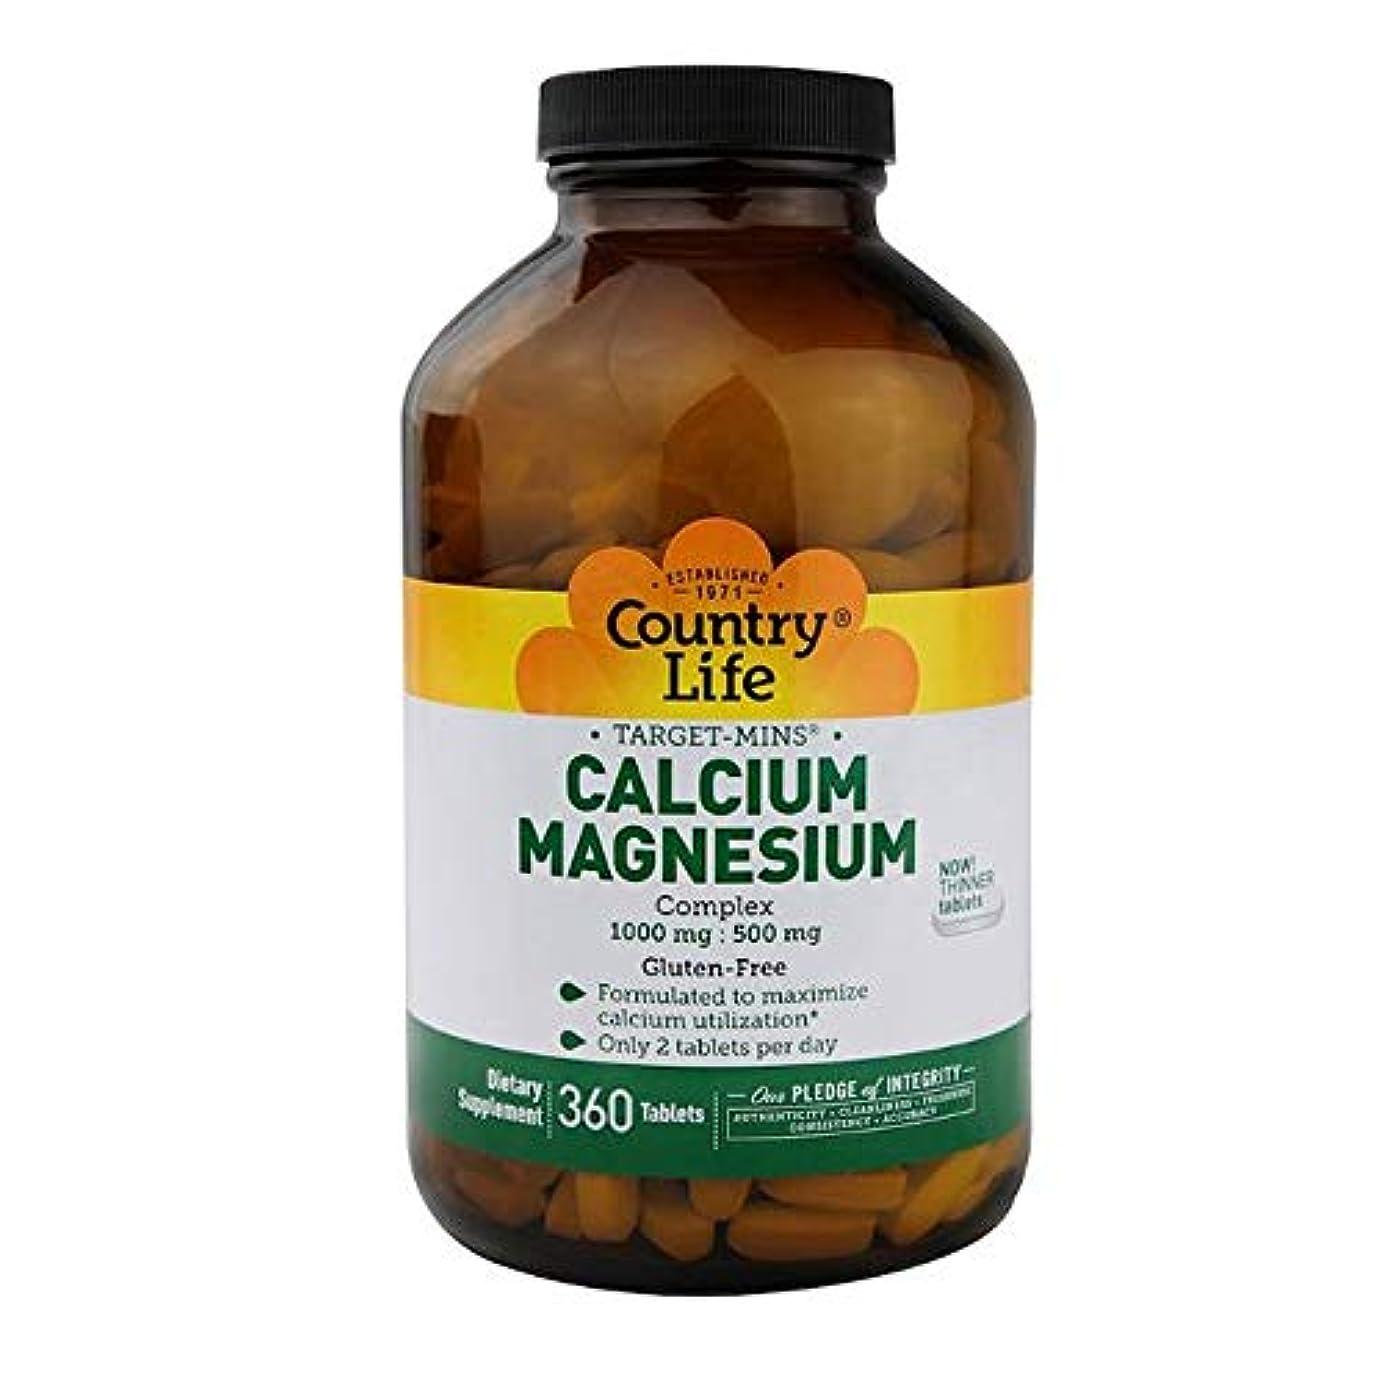 散るほこり旅行者Country Life ターゲット ミネラル カルシウム マグネシウム 複合体 360錠 【アメリカ直送】